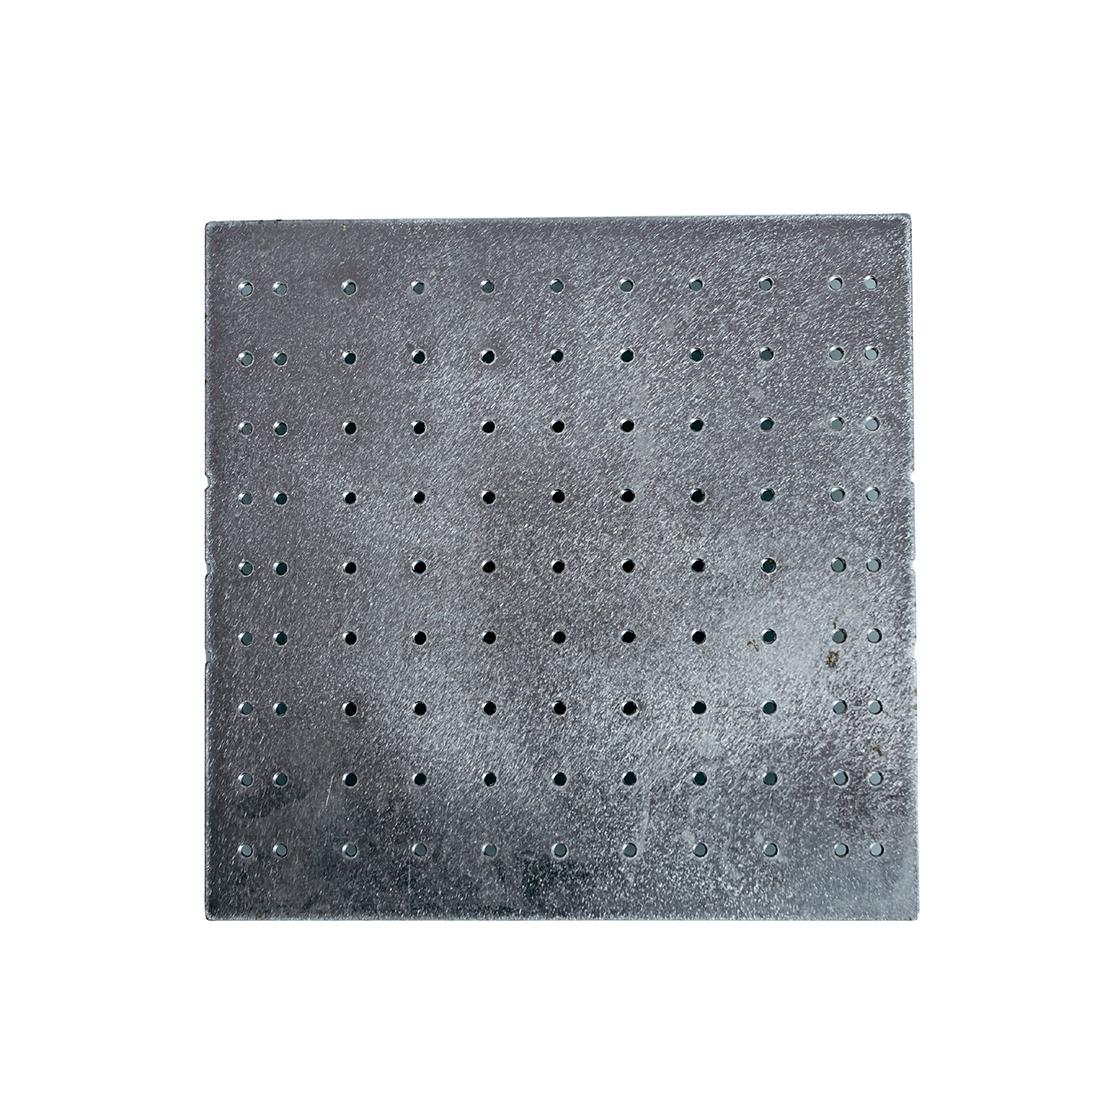 Płytka do przykręcania matryc - O.SCREW MATRIX BASE MP02